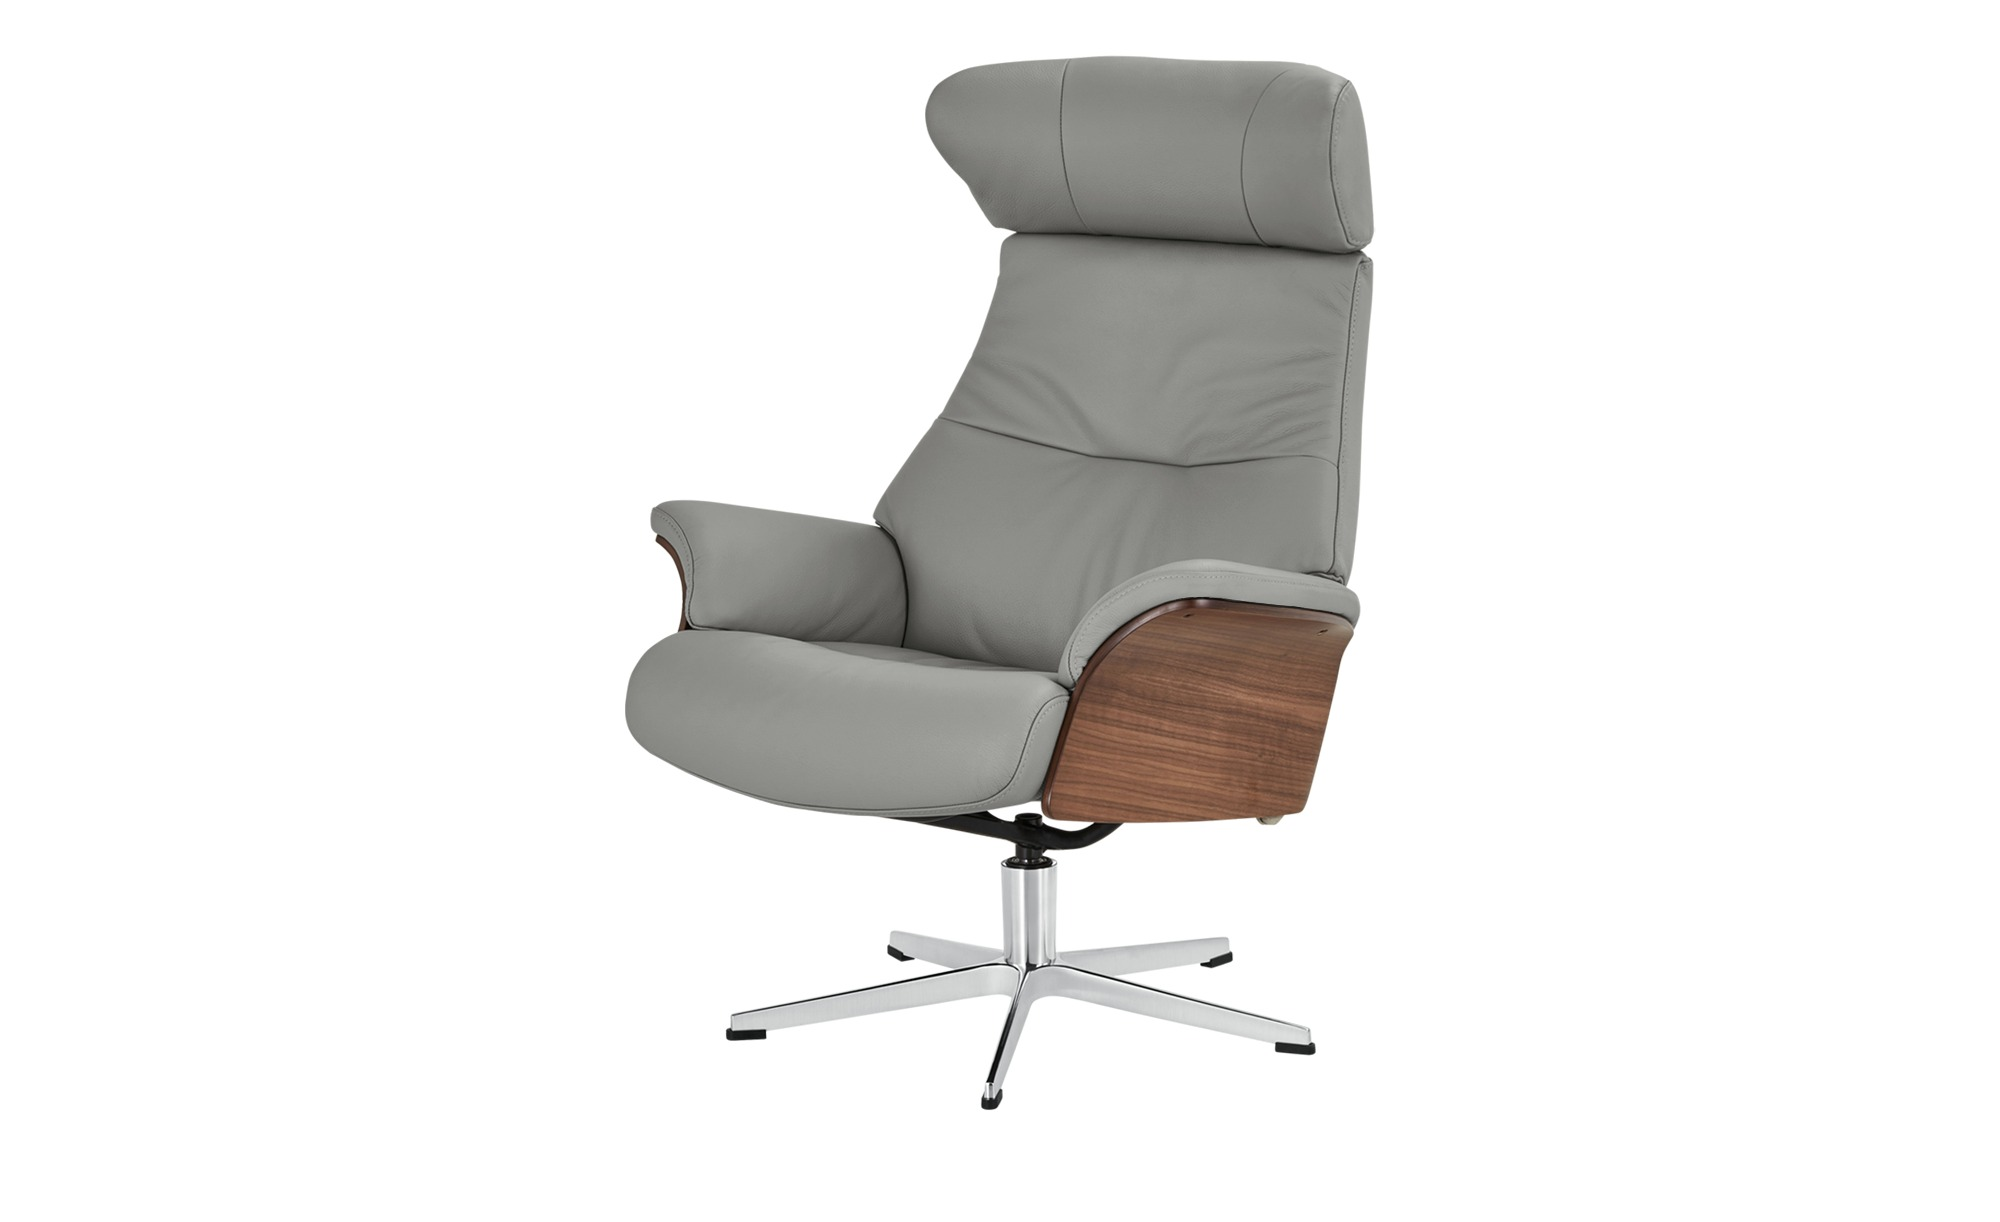 Relaxsessel grau - Leder Air ¦ grau ¦ Maße (cm): B: 80 H: 109,5 T: 78 Polstermöbel > Sessel > Fernsehsessel - Höffner